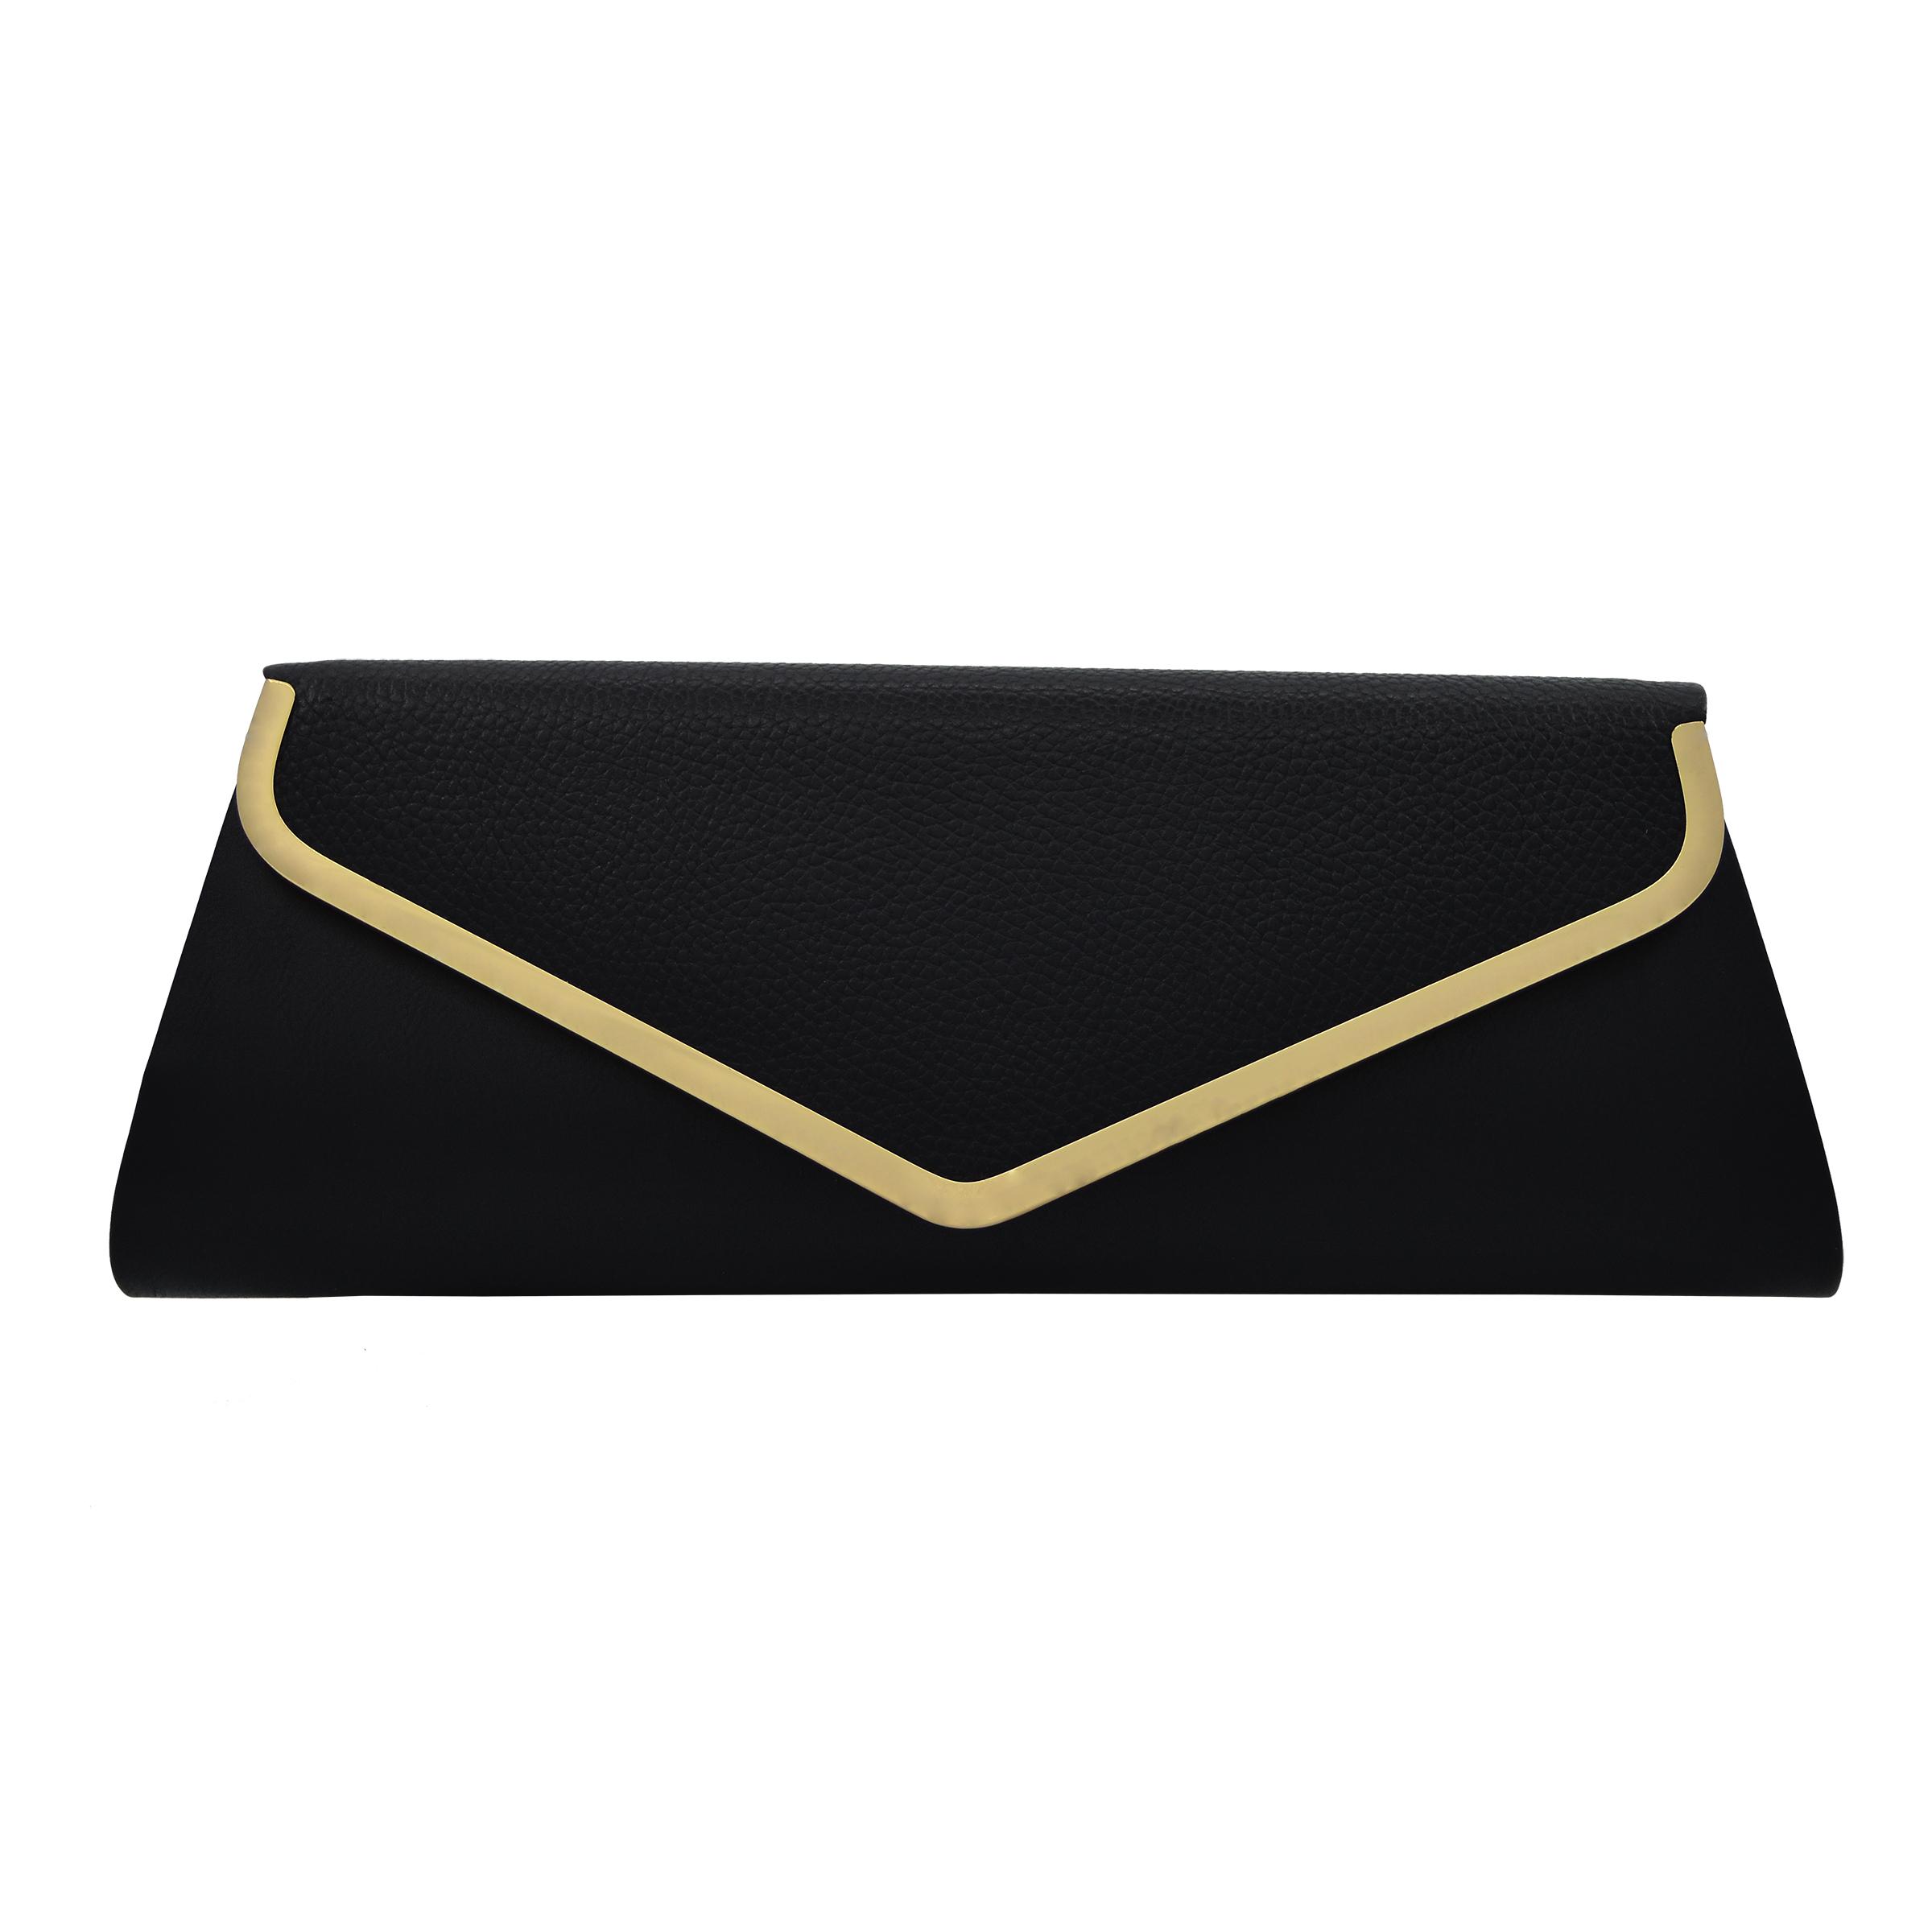 کیف دوشی زنانه چرم مکس مدل آلدورا 12401